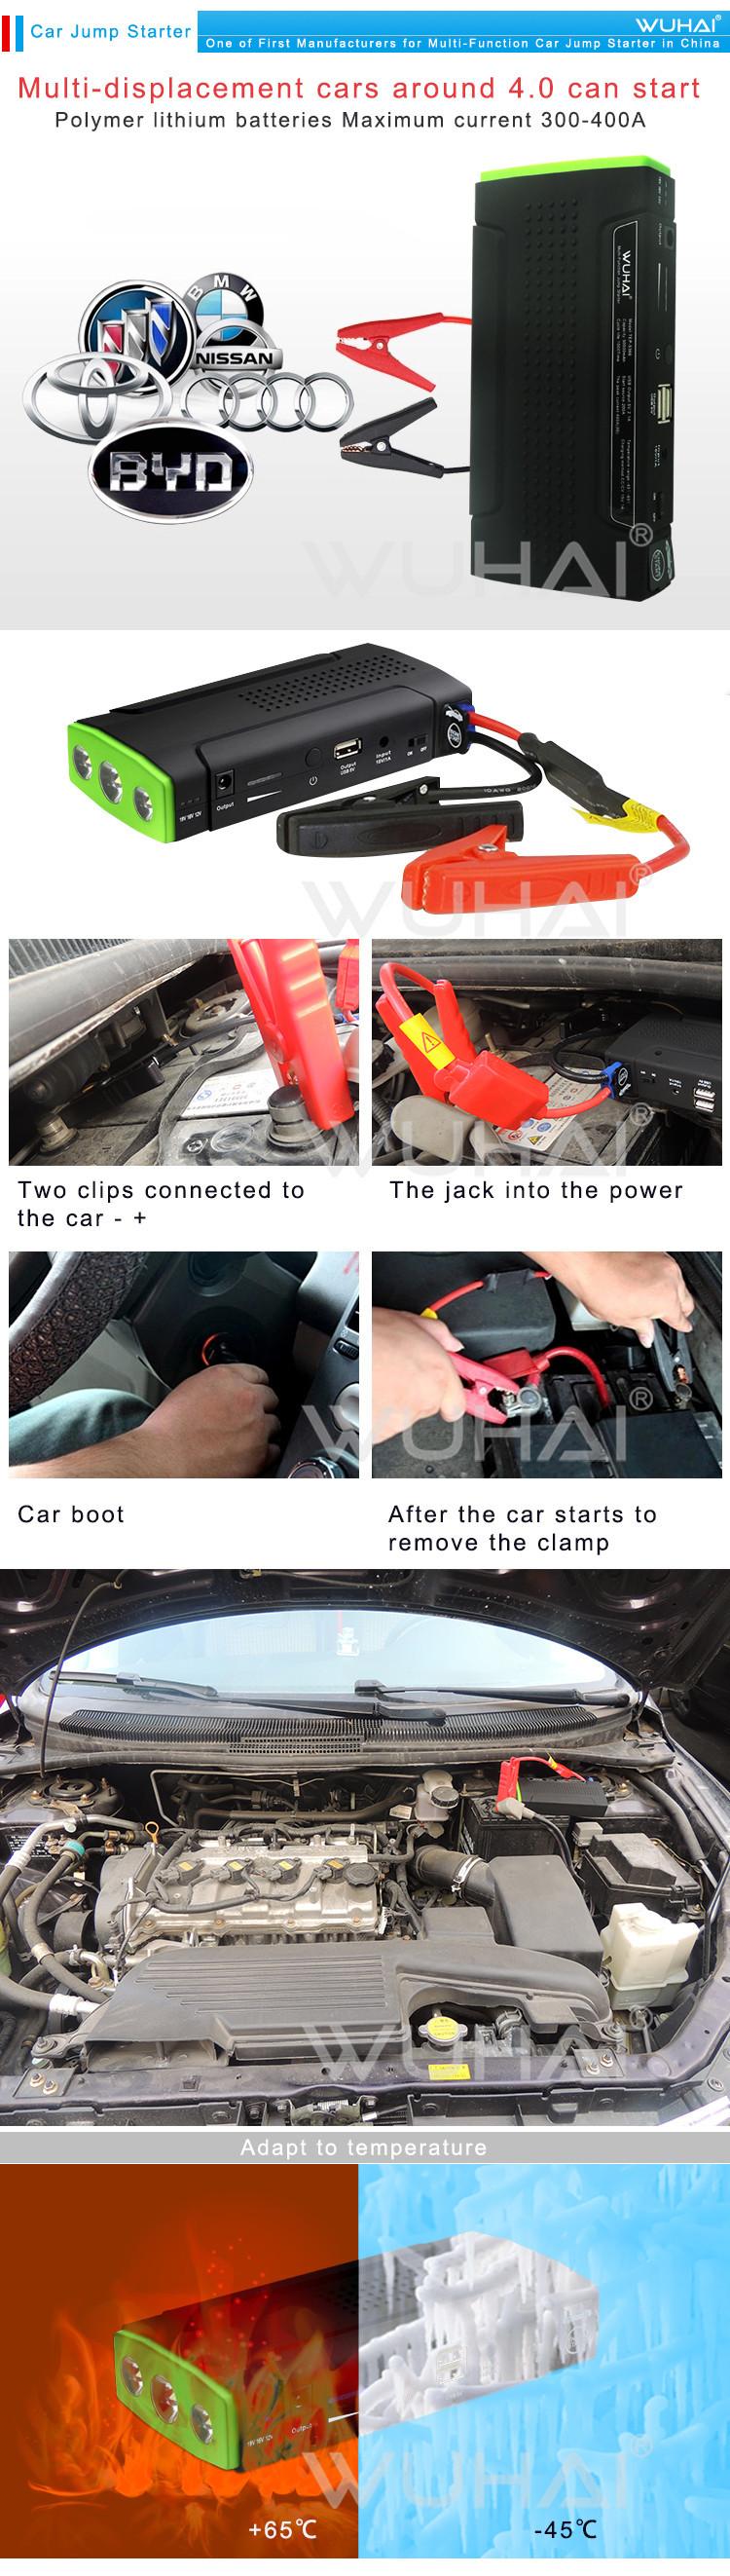 Купить Wuhai автомобиль скачок стартер авто автомобиль чрезвычайных перемычка начать зарядное устройство для iPad / iPhone телефон ноутбук планшет пк